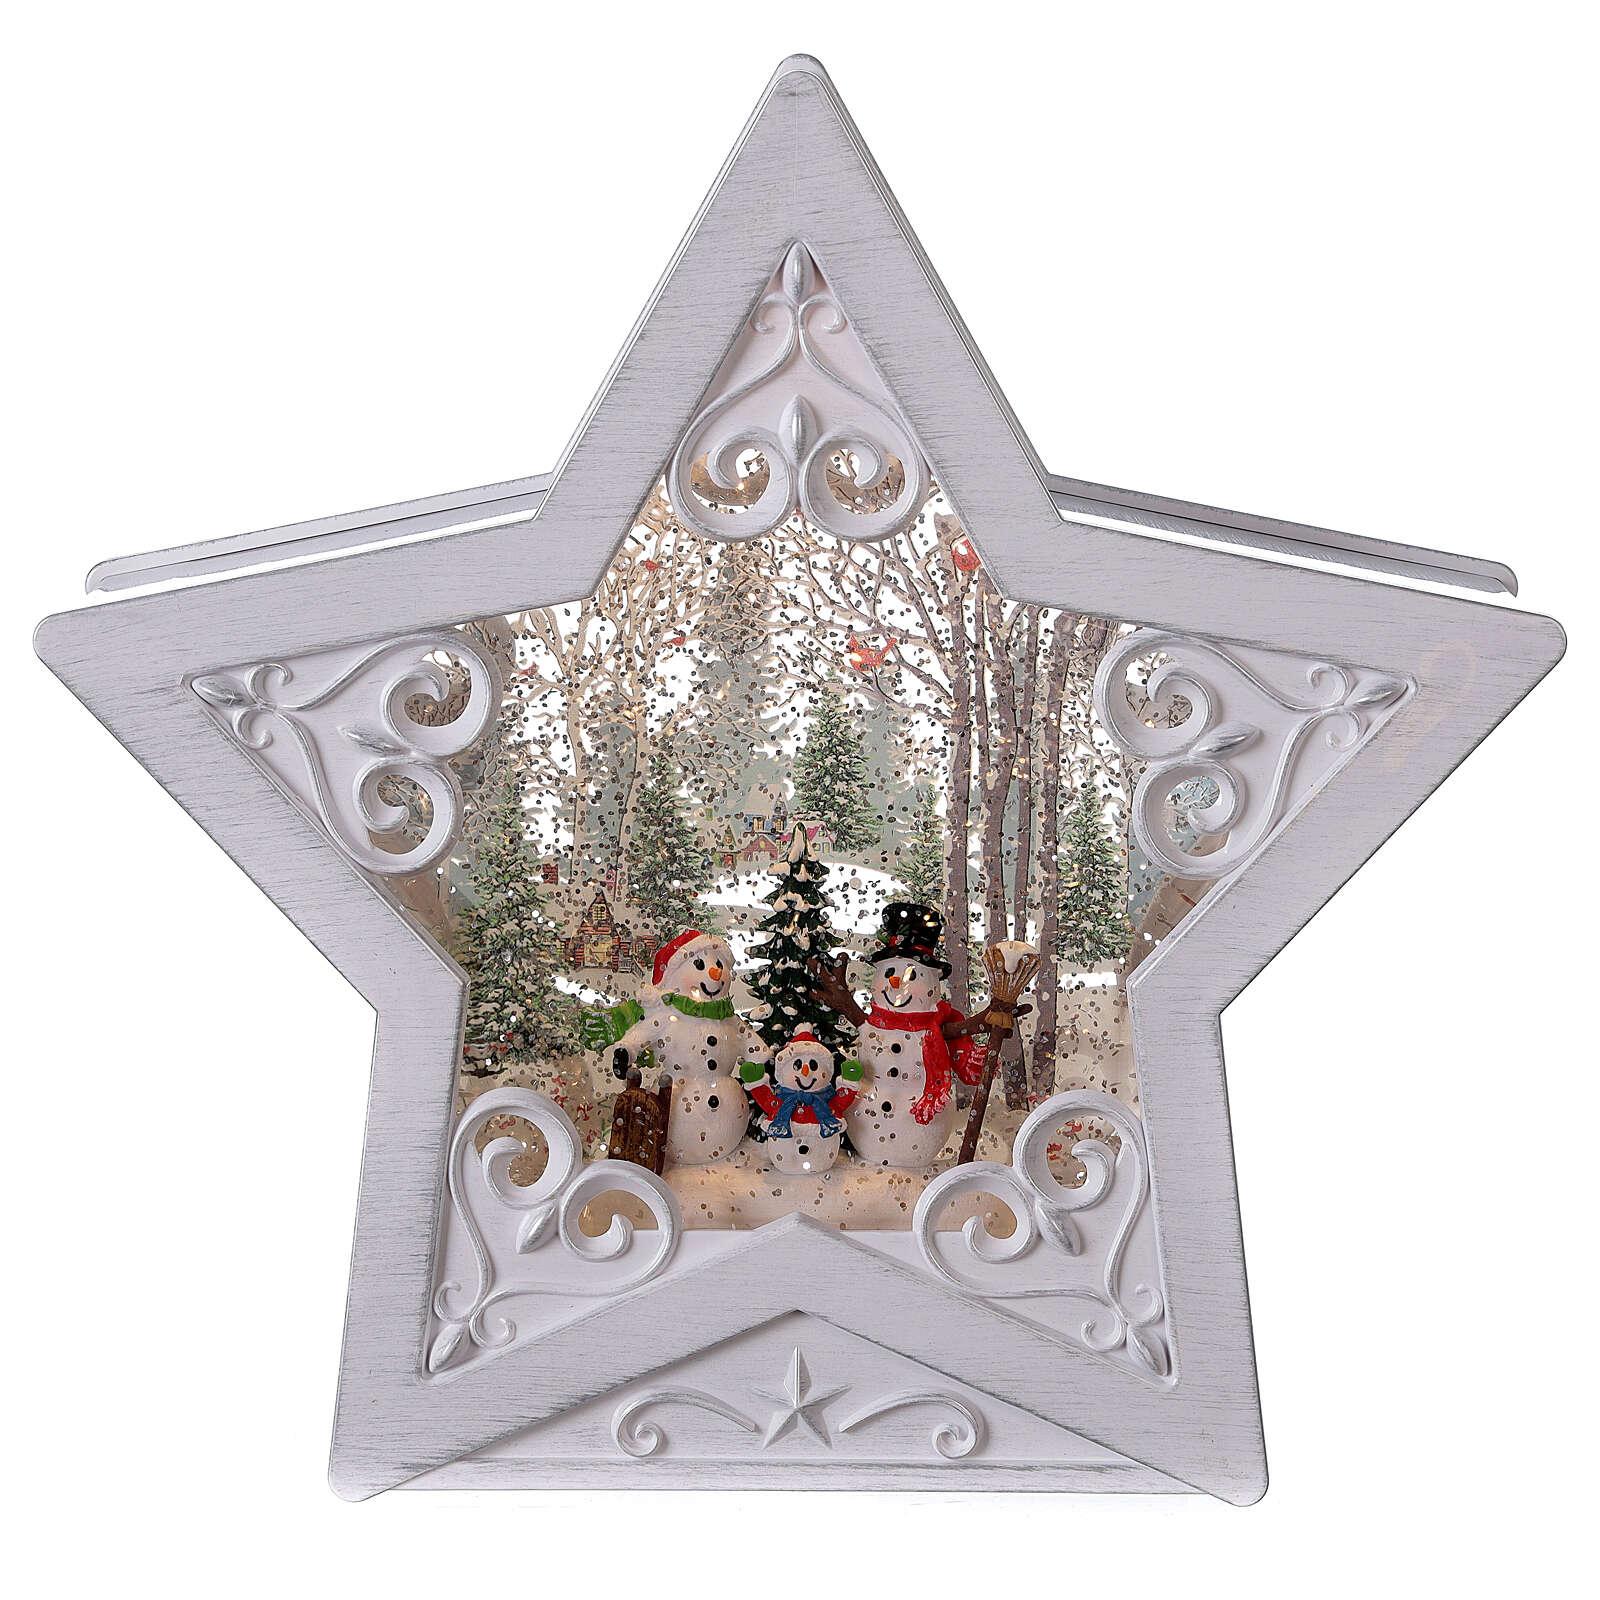 Étoile verre neige famille bonhommes de neige 25x25x5 cm 3